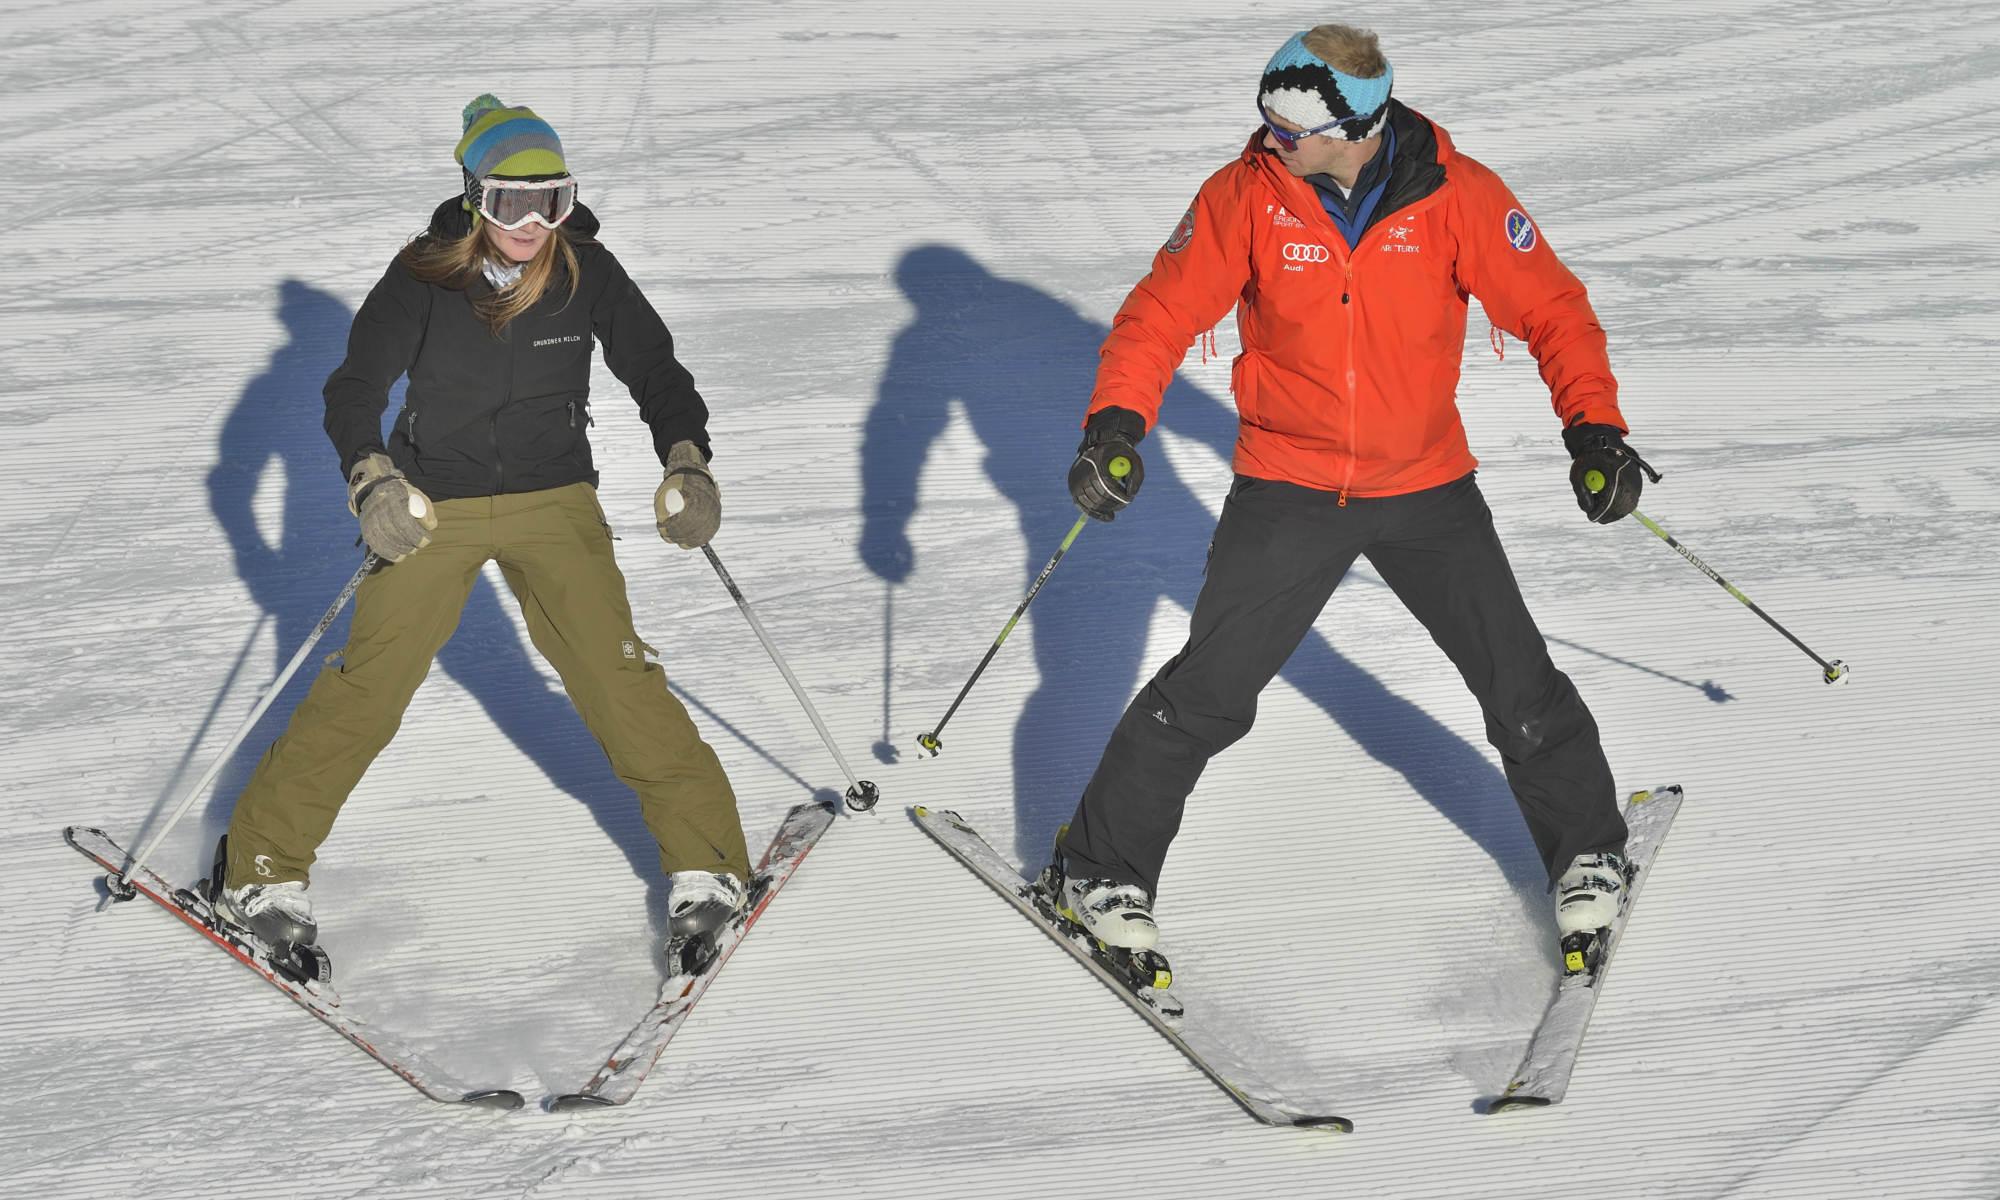 Een volwassen skiër is bezig aan een beginnersles.